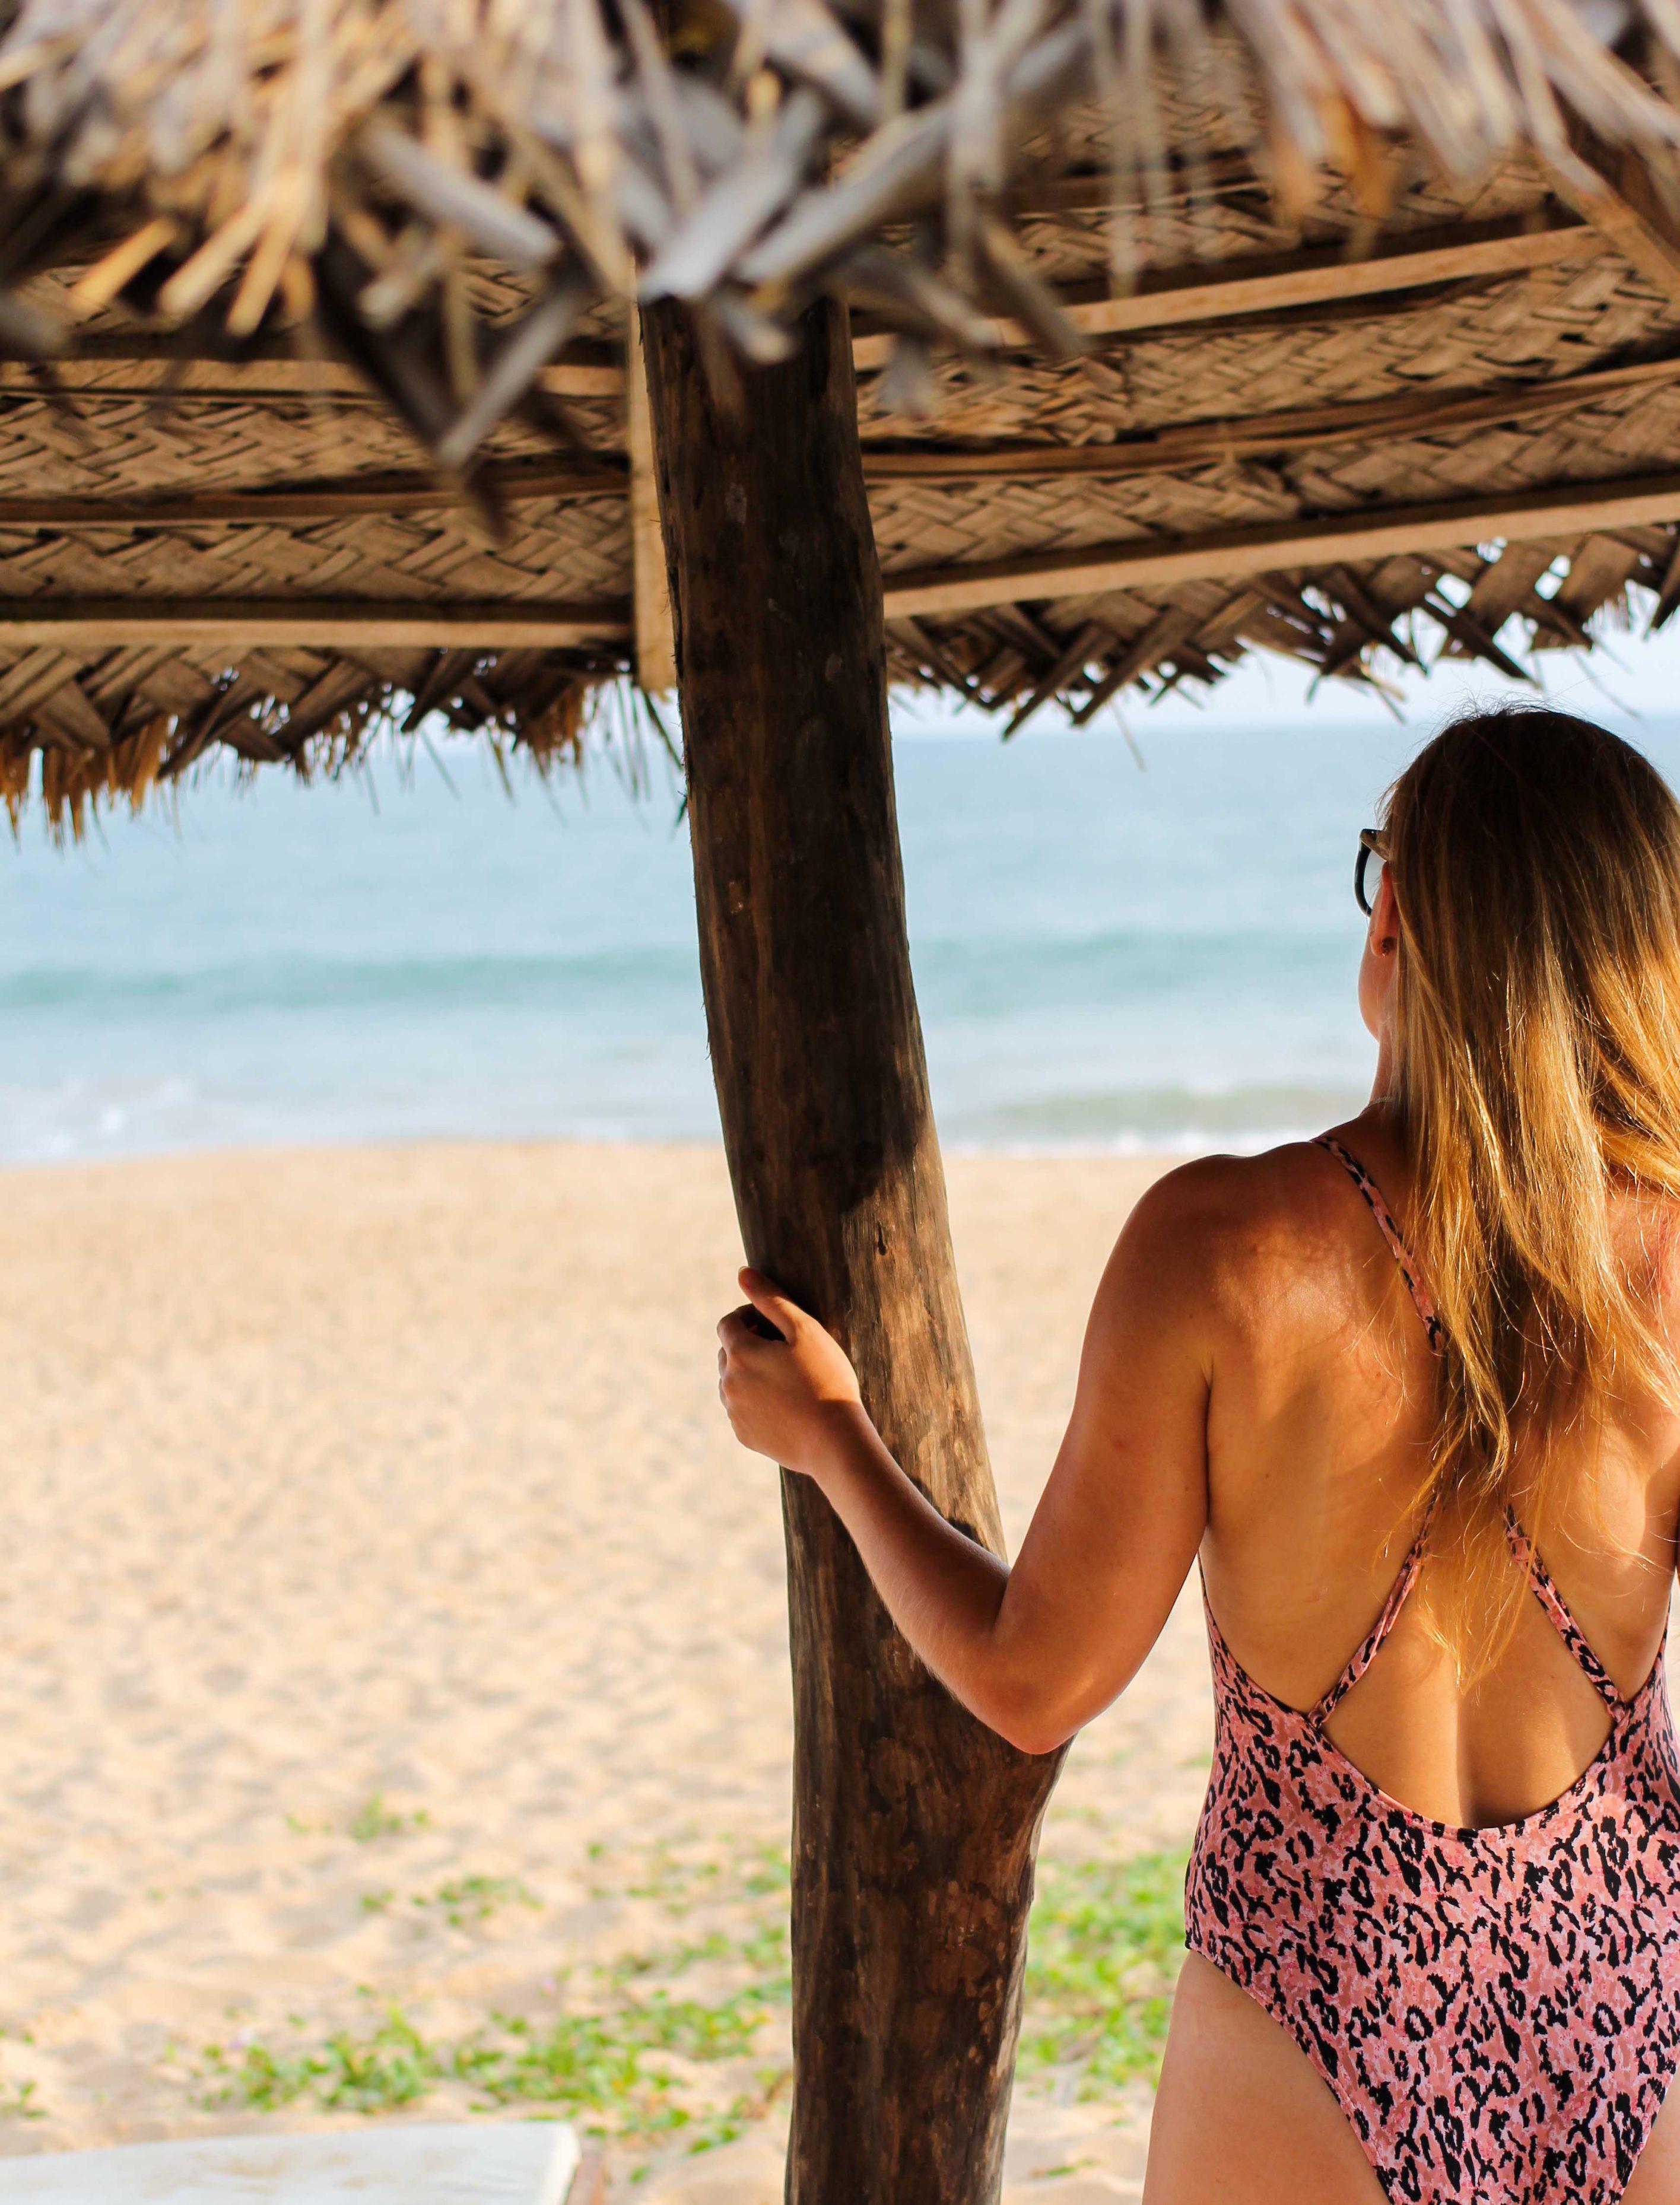 Trend 2019 Leo-Badeanzug leo Muster Hunkemöller Badeanzug Leo Rosa Lady Strand Sri Lanka Tangalle Traumstrände Welt Reiseblog